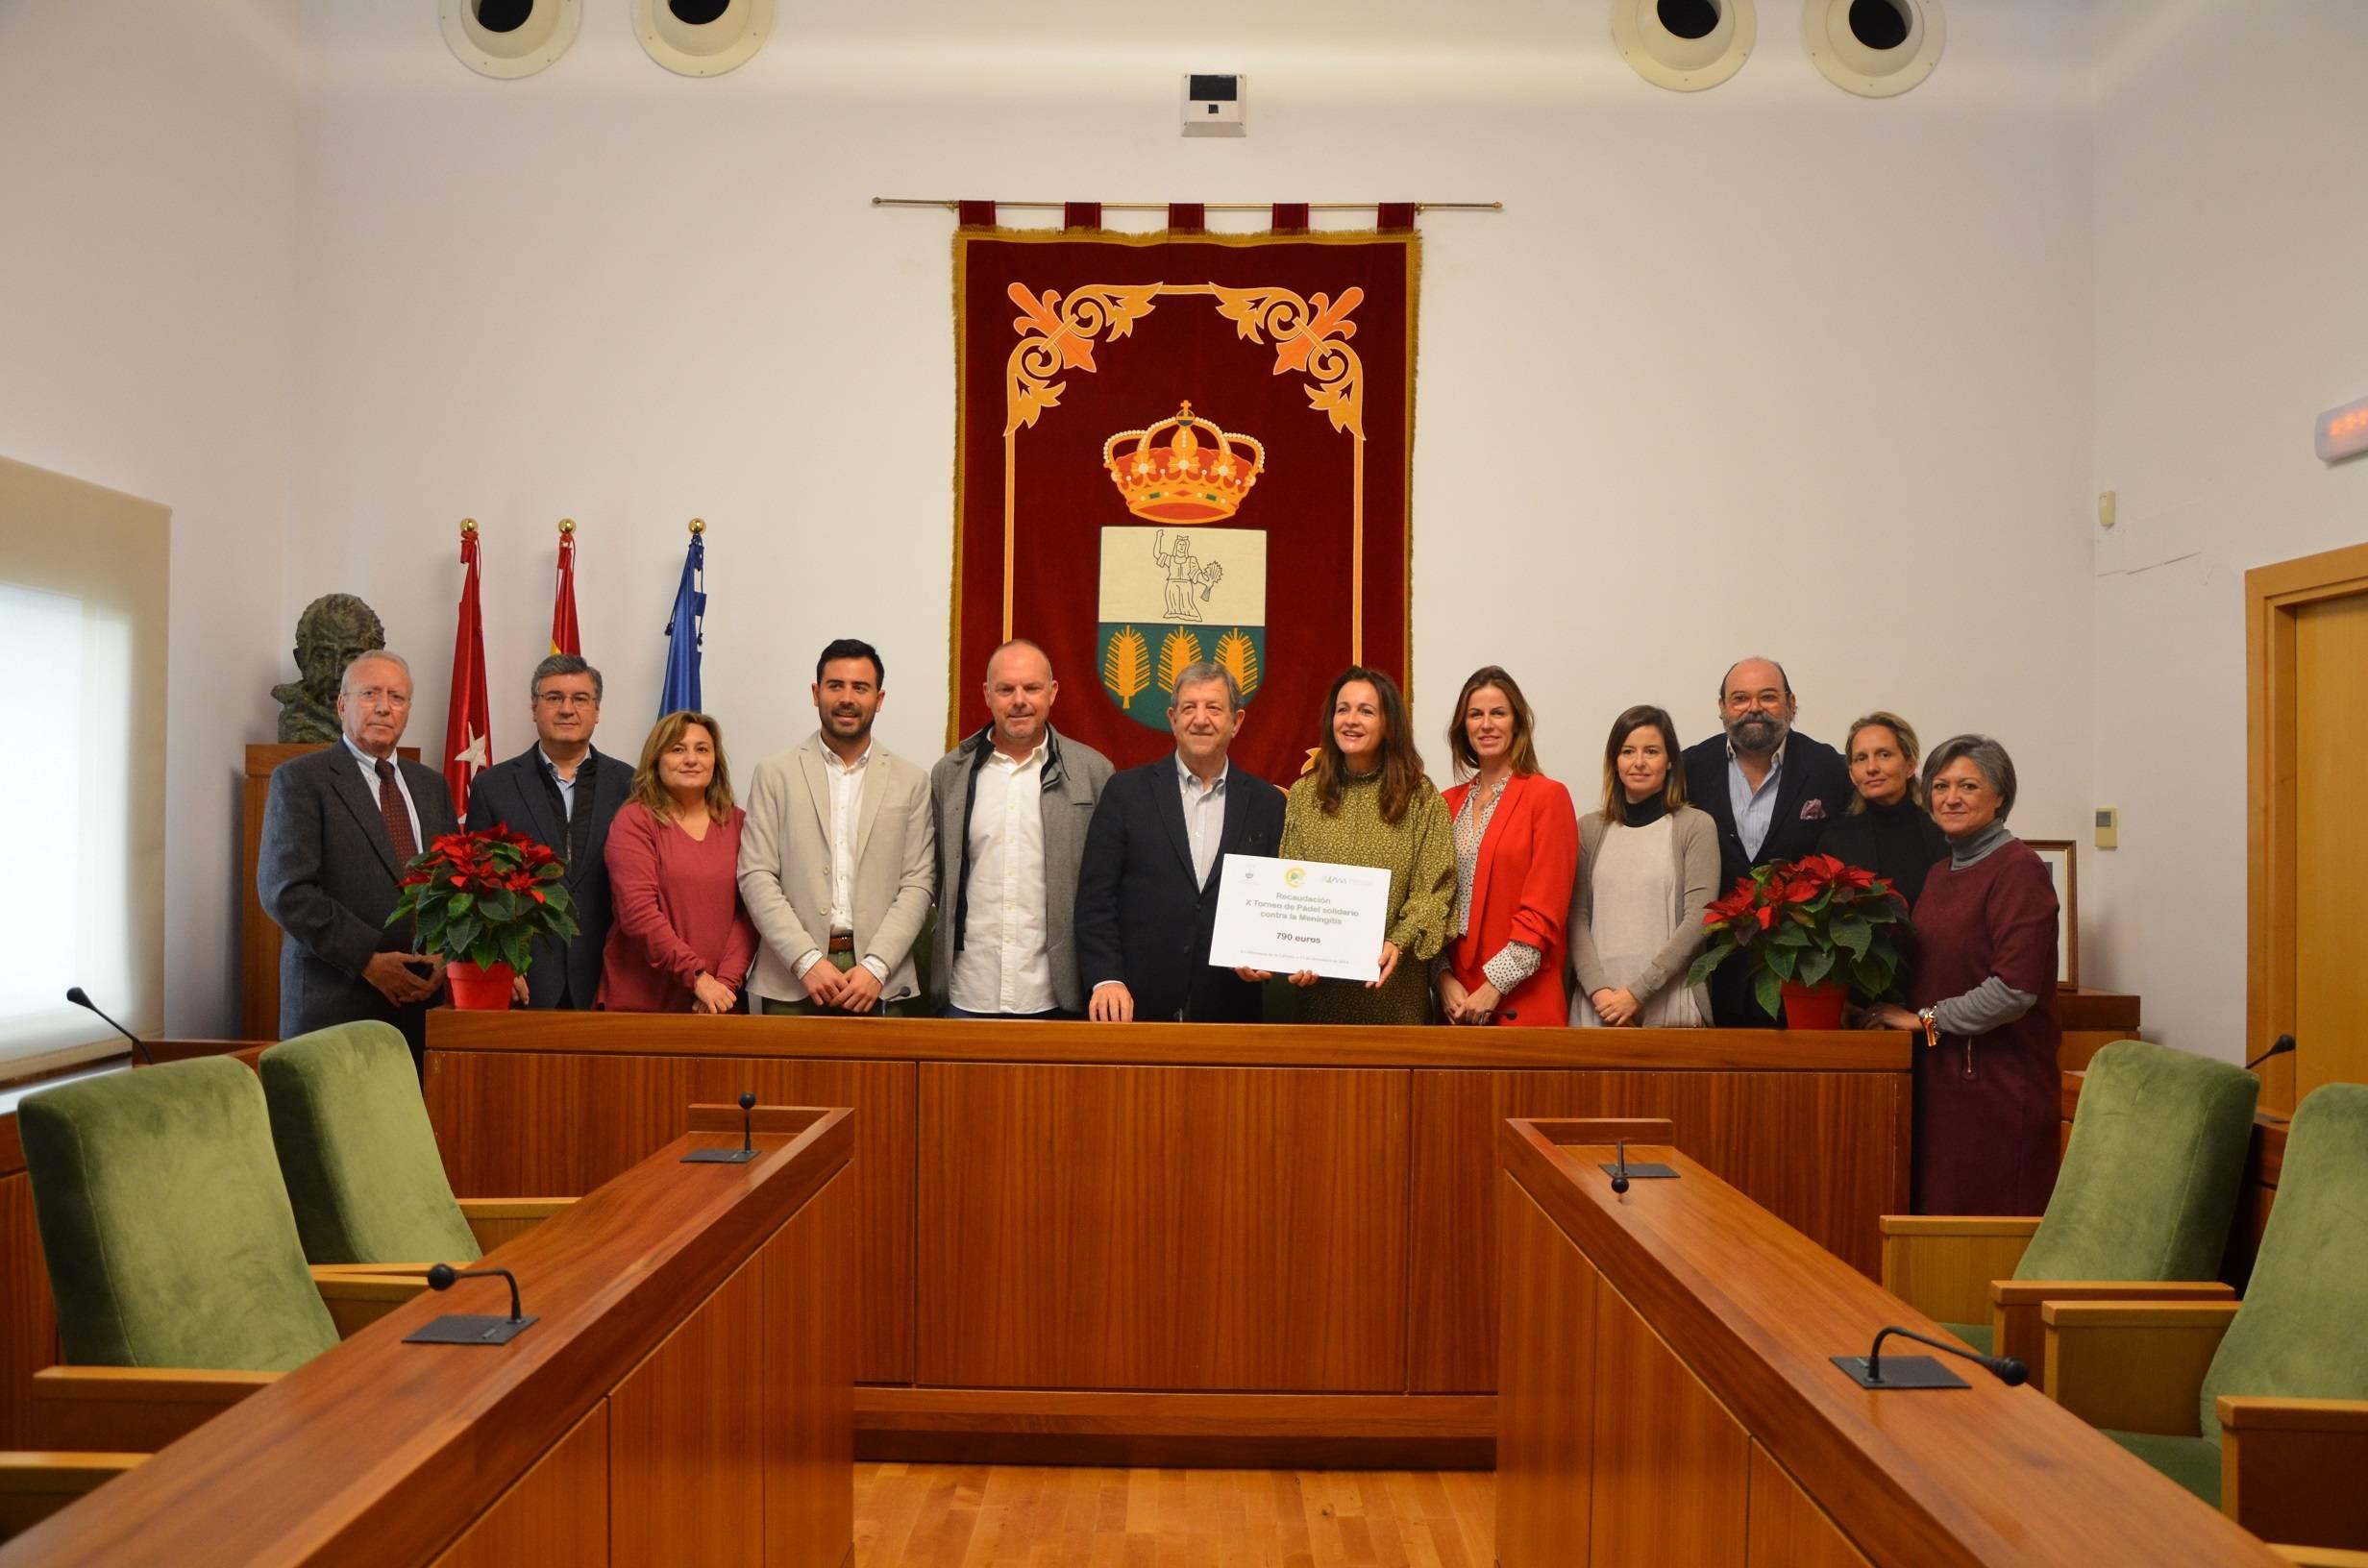 Miembros de la Corporación Municipal asistentes a la entrega acompañando al alcalde, al presidente del Club de Pádel villanovense y a la vicepresidenta de la Asociación Española contra la Meningitis.